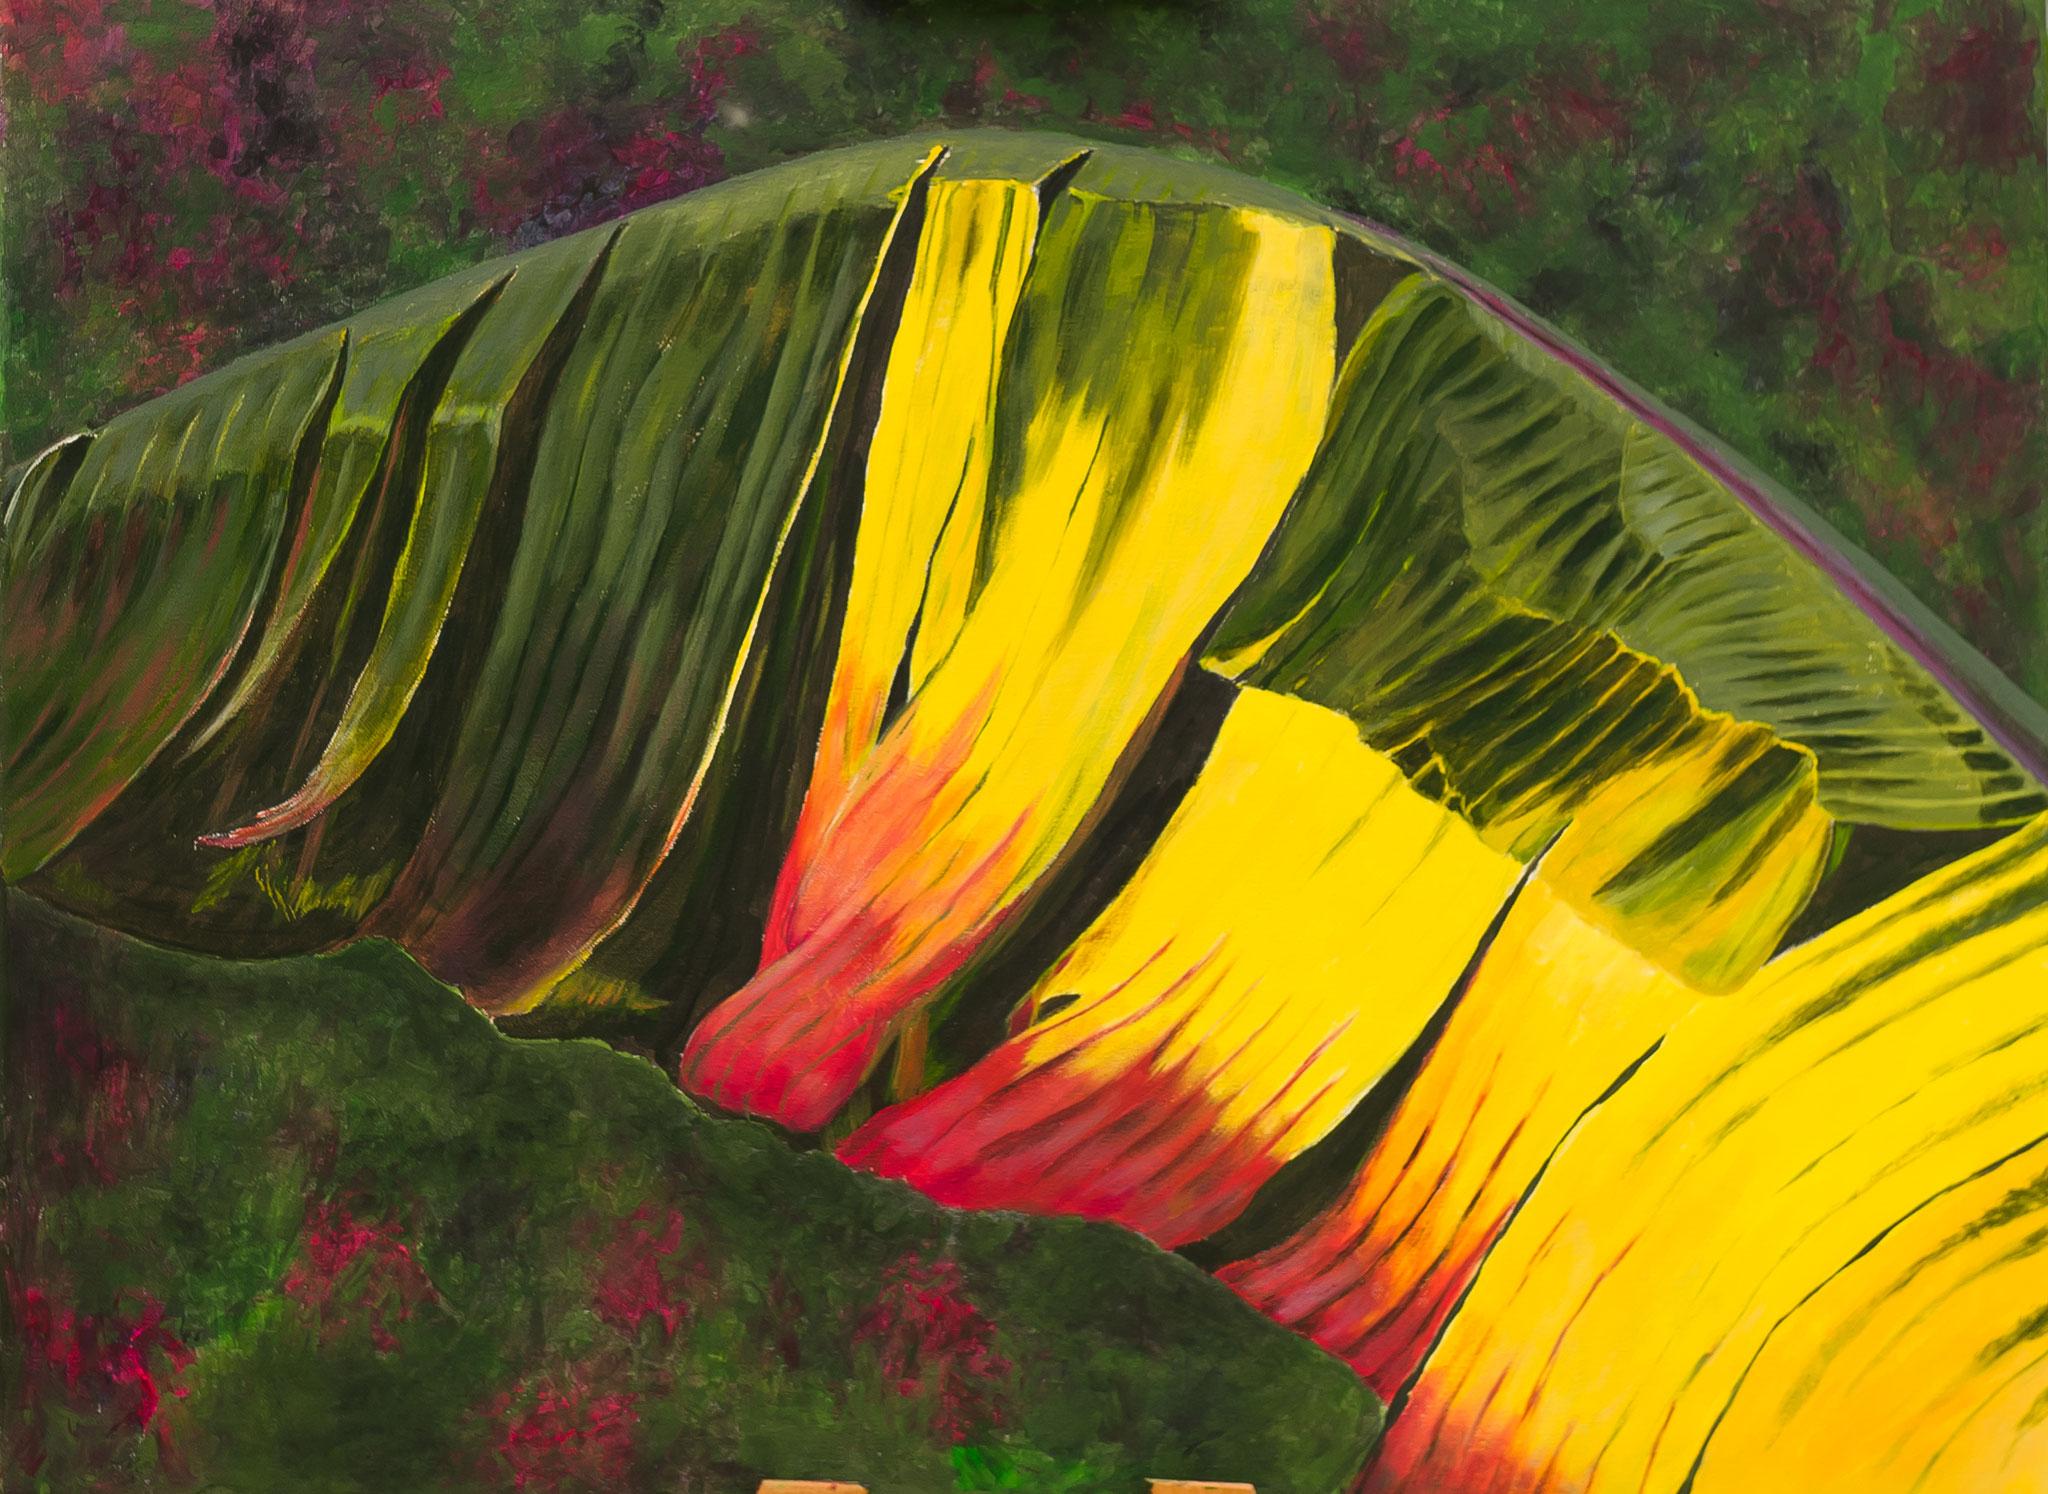 Bananenblatt im Herbst